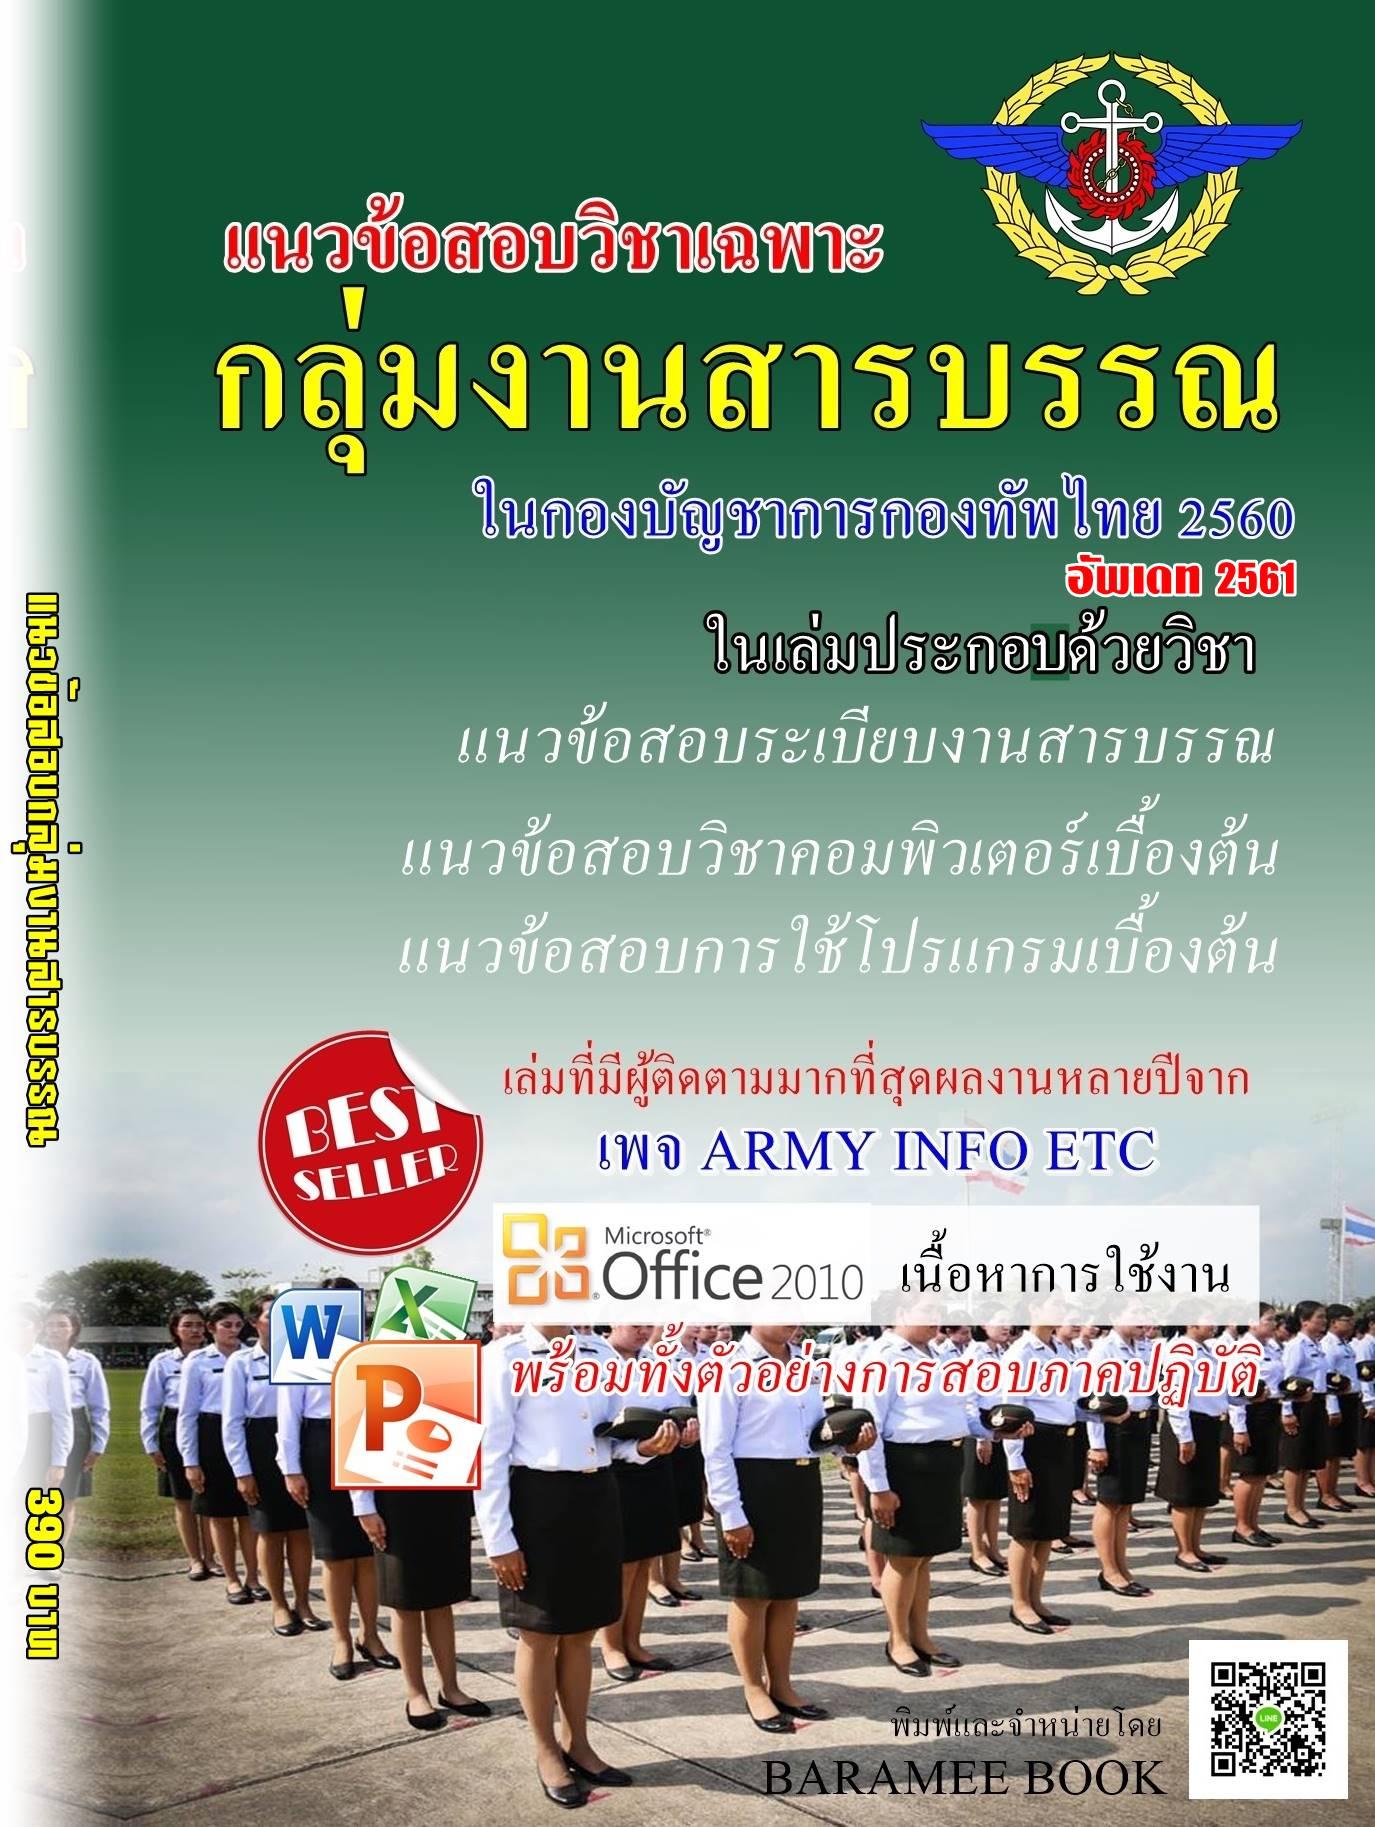 แนวข้อสอบ กลุ่มงานสารบรรณ บก.กองทัพไทย อัพเดท 2561